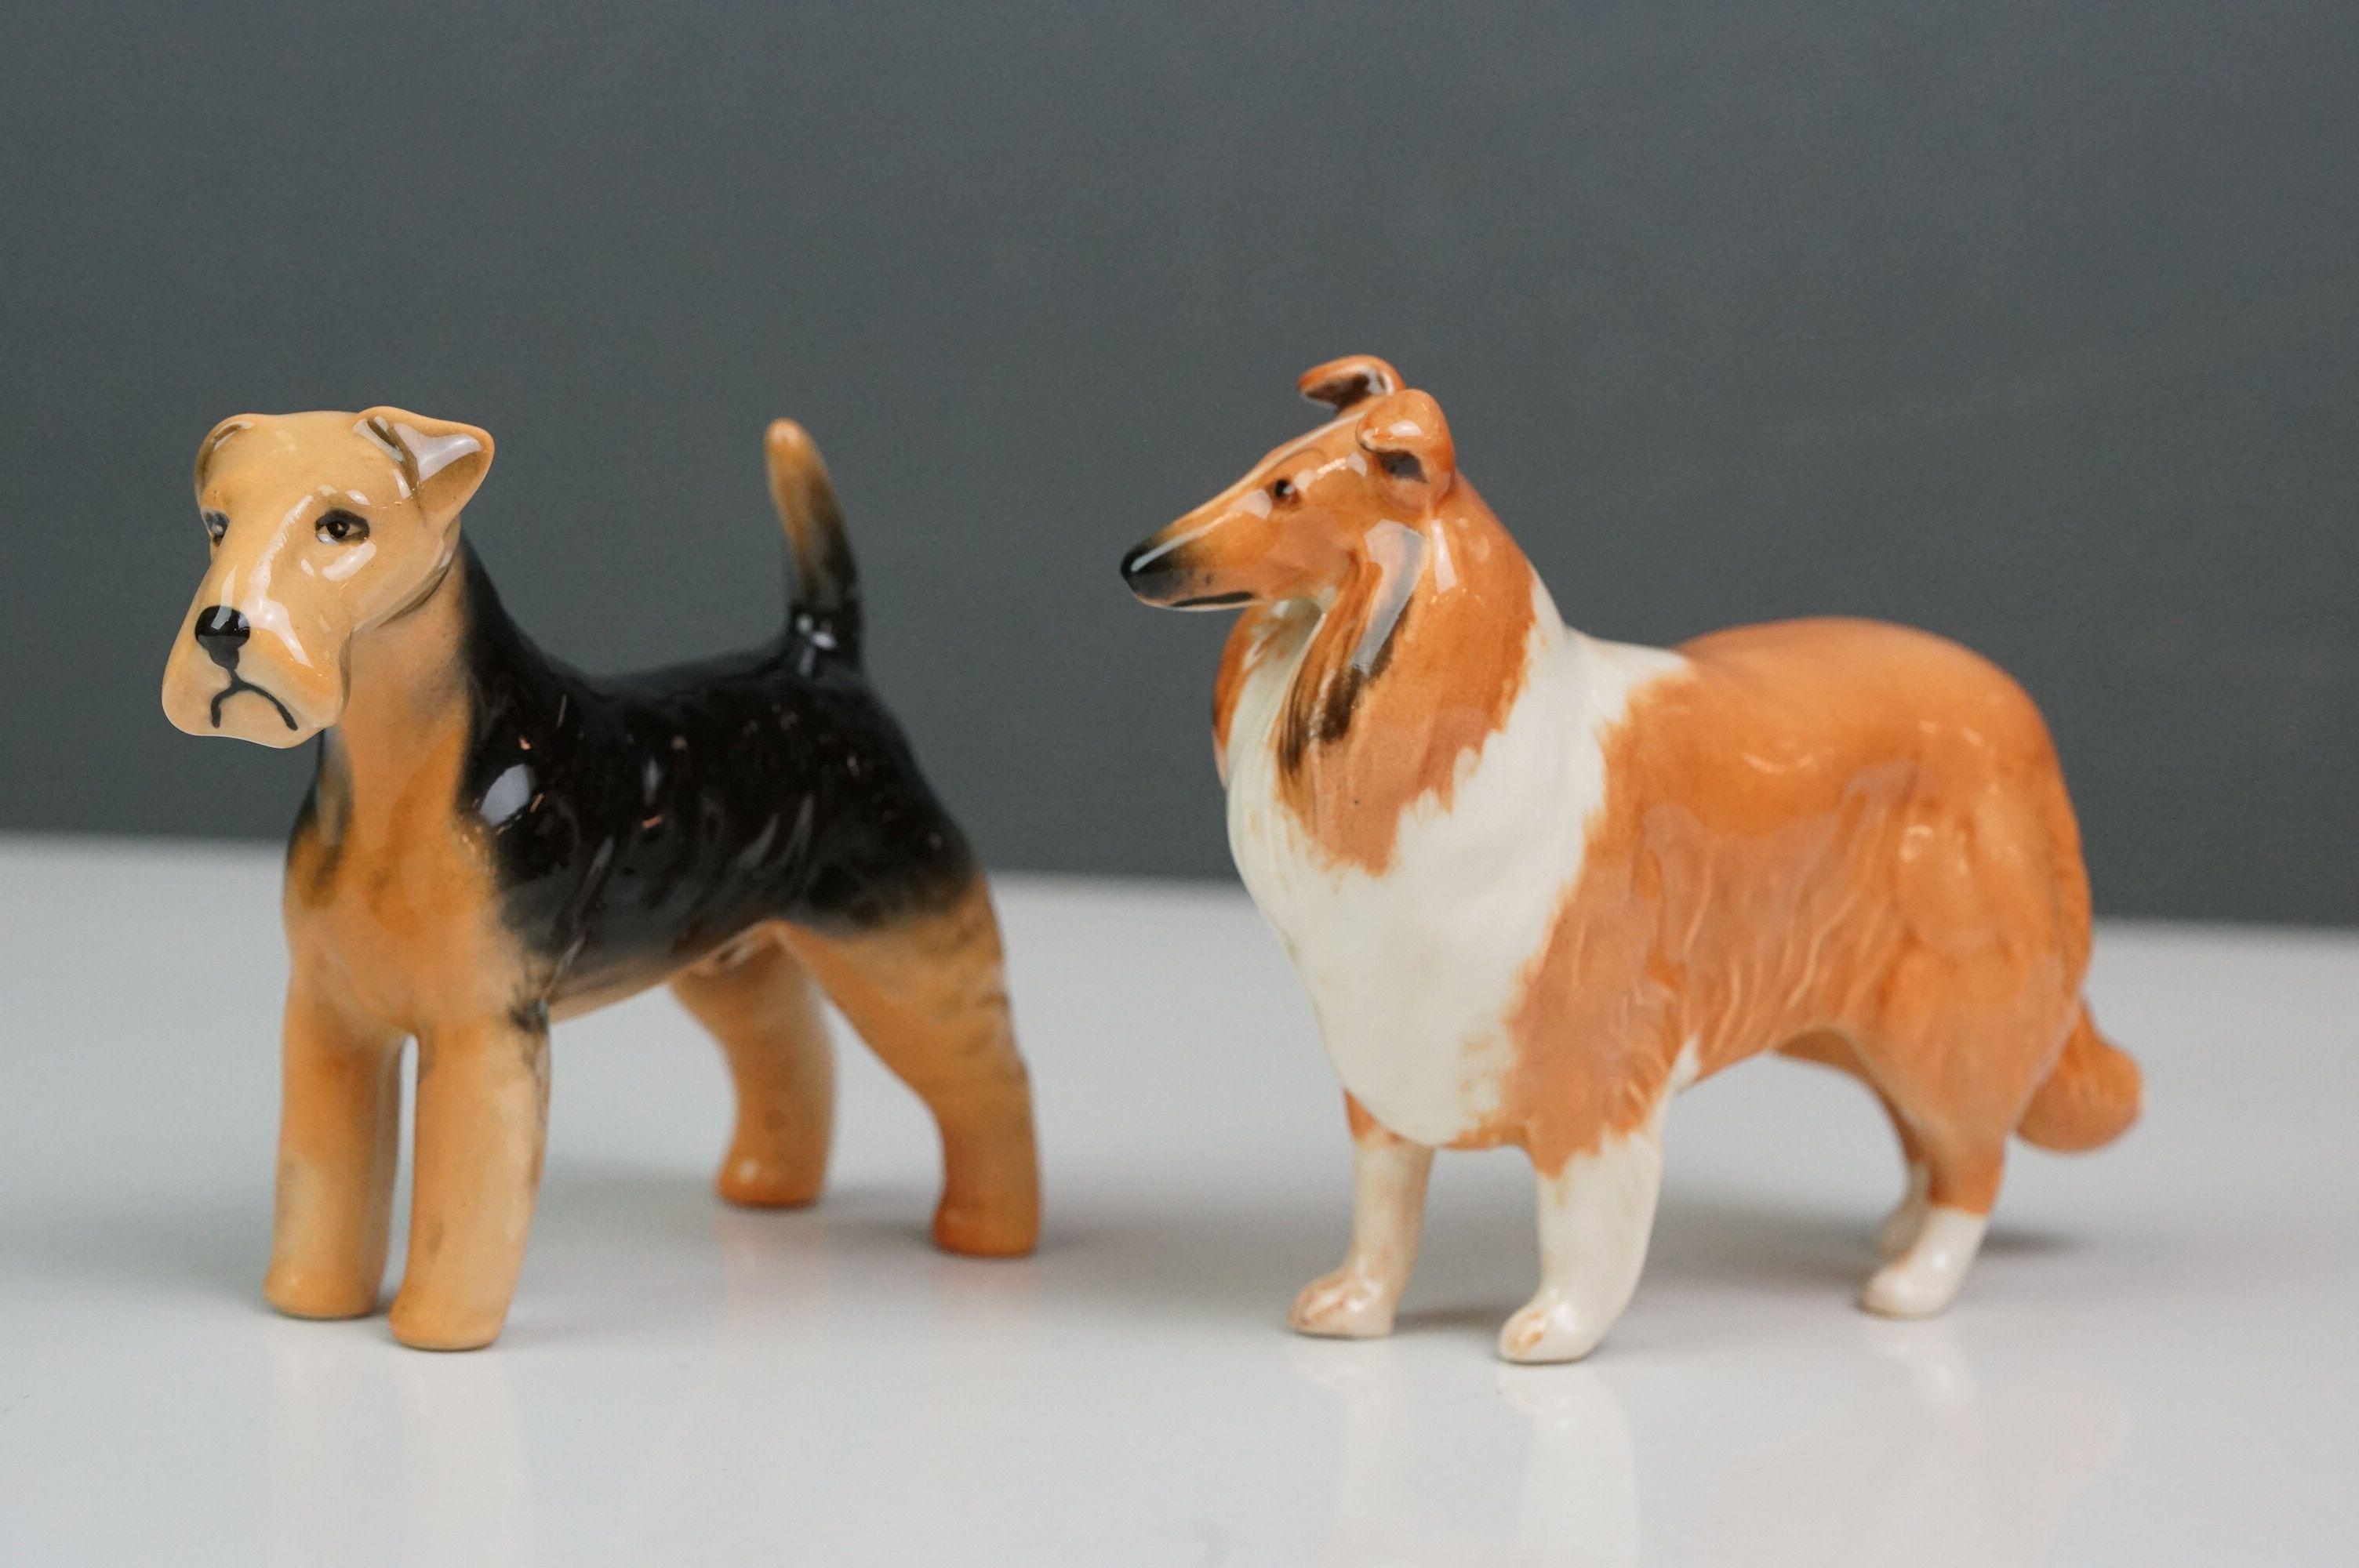 Six Beswick dogs: Bulldog Bosun small, model no. 1731; Corgi small, model no. 1736; Collie small, - Image 3 of 12